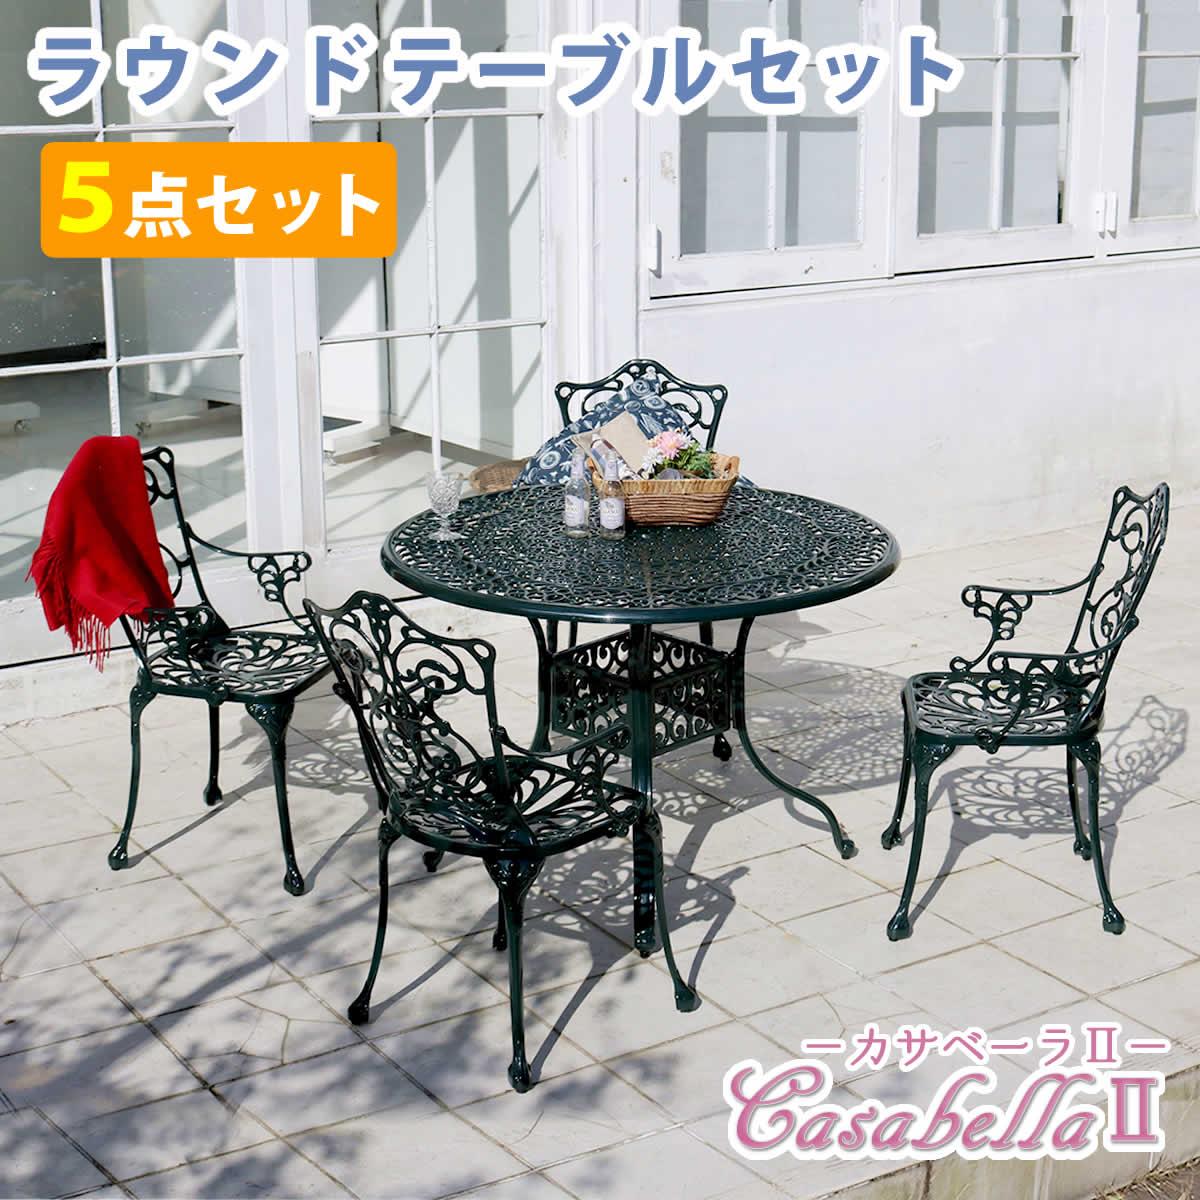 カサベーラ2 ラウンドテーブル5点セット【送料無料 簡単組立 ガーデンテーブル ダークグリーン テラス 庭 ウッドデッキ アルミ アンティーク クラシカル イングリッシュガーデン ファニチャー シンプル 北欧 インテリア 家具 ガーデン チェア】